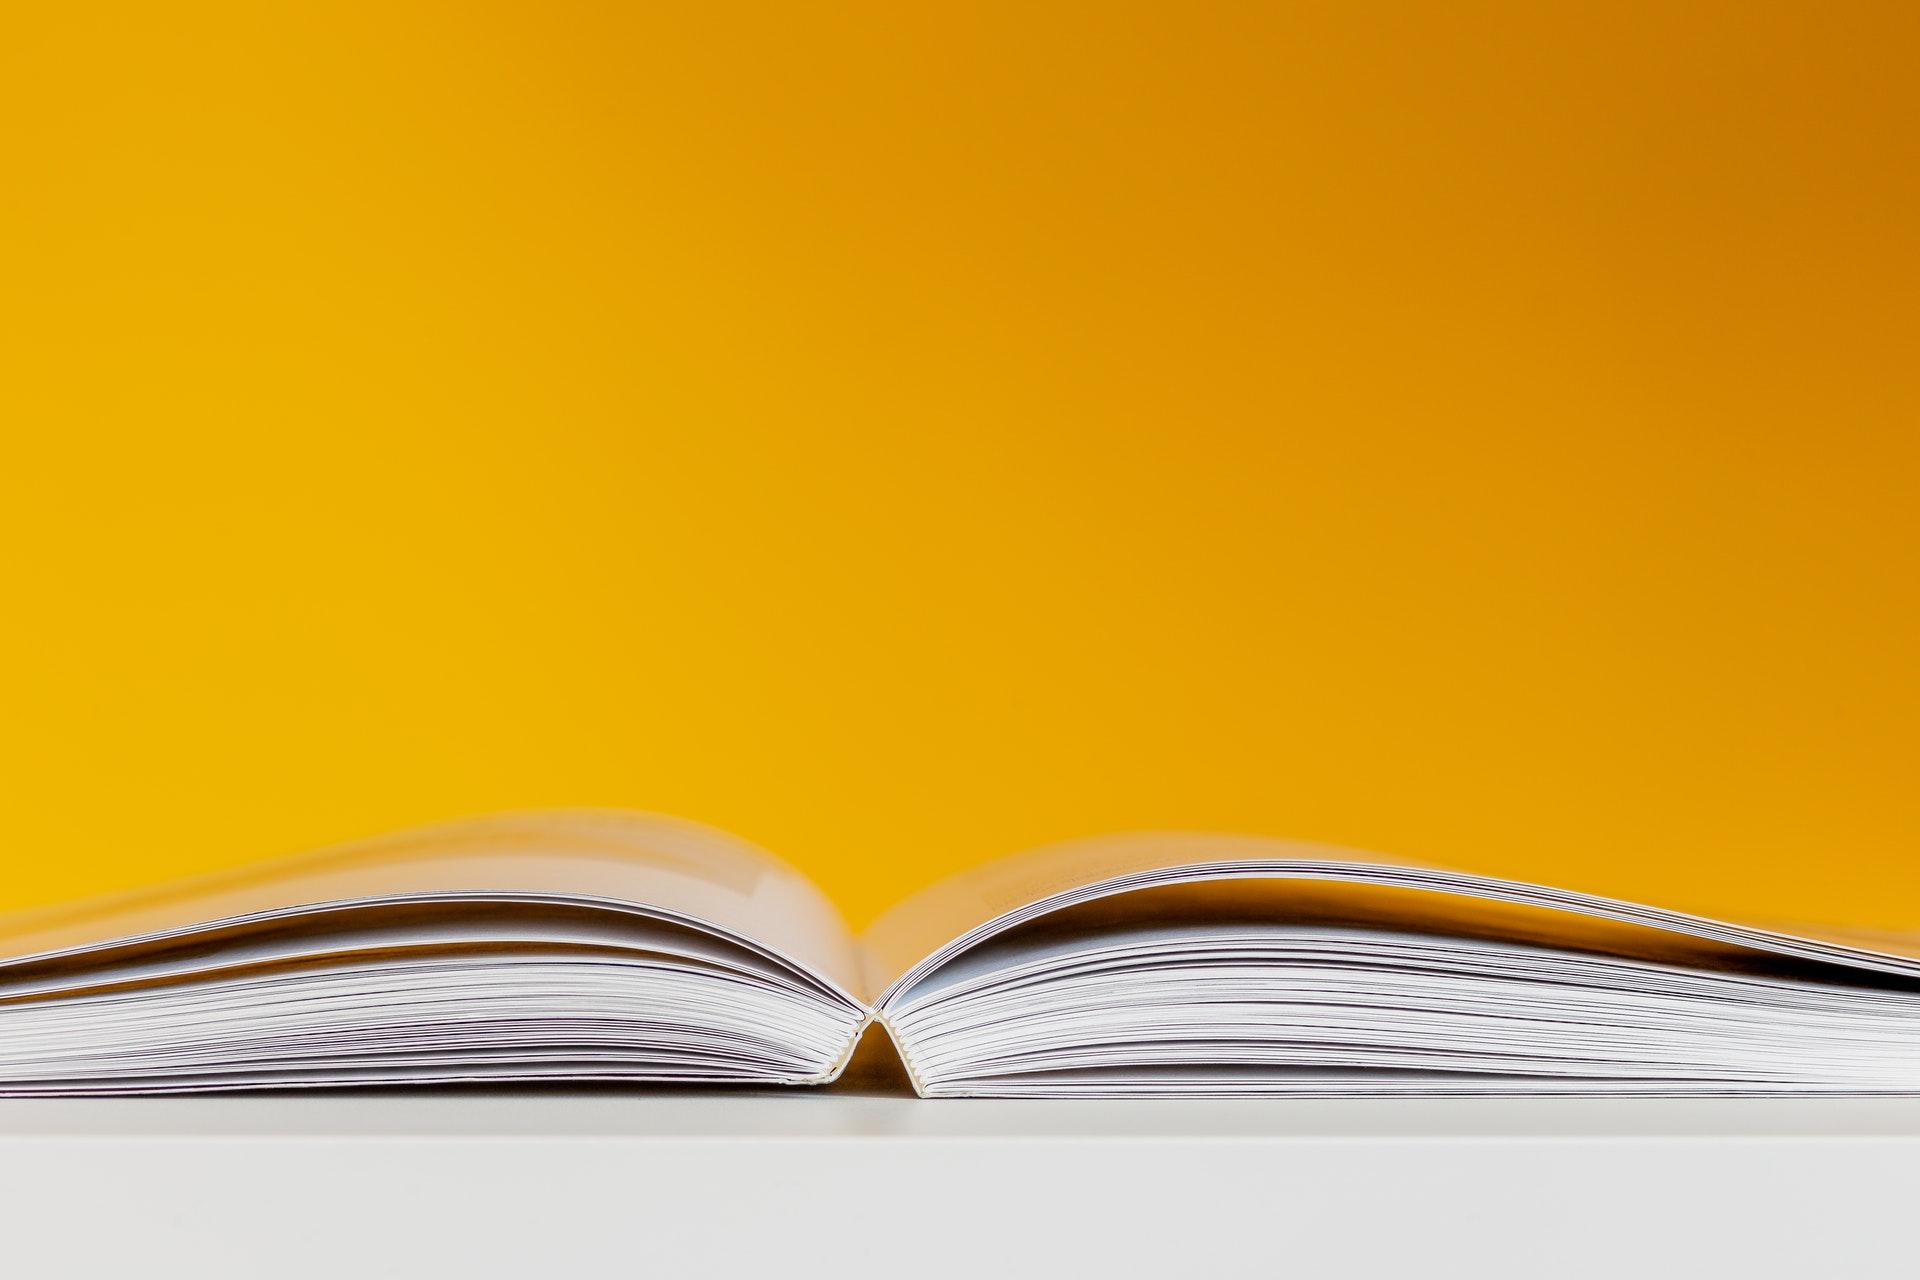 「暗喩」の意味や読み方って?